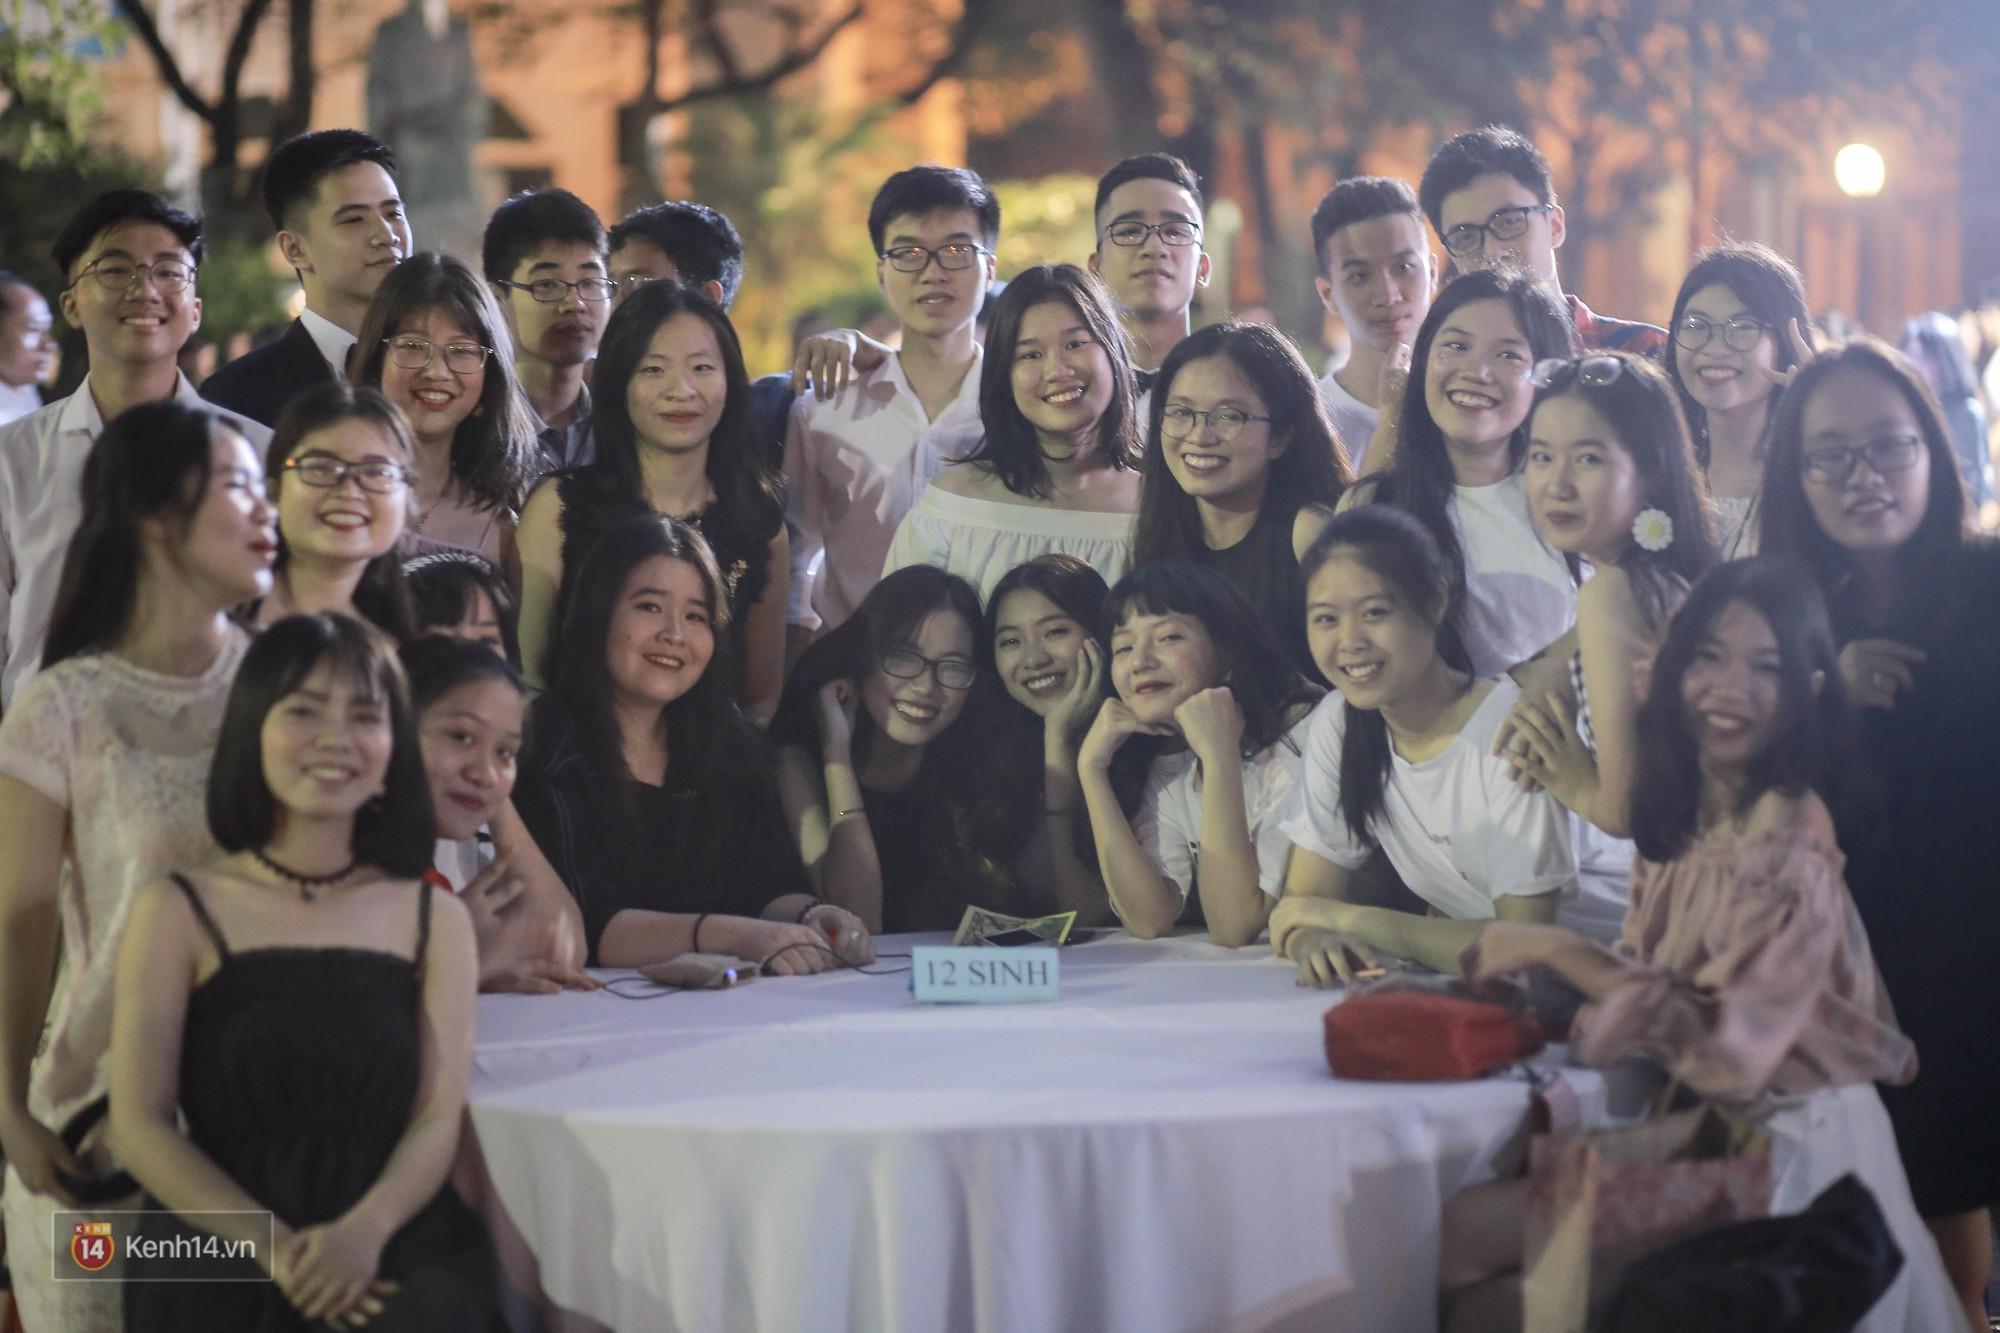 Nữ sinh Chu Văn An xinh ngẩn ngơ trong đêm tri ân/ trưởng thành - Ảnh 7.